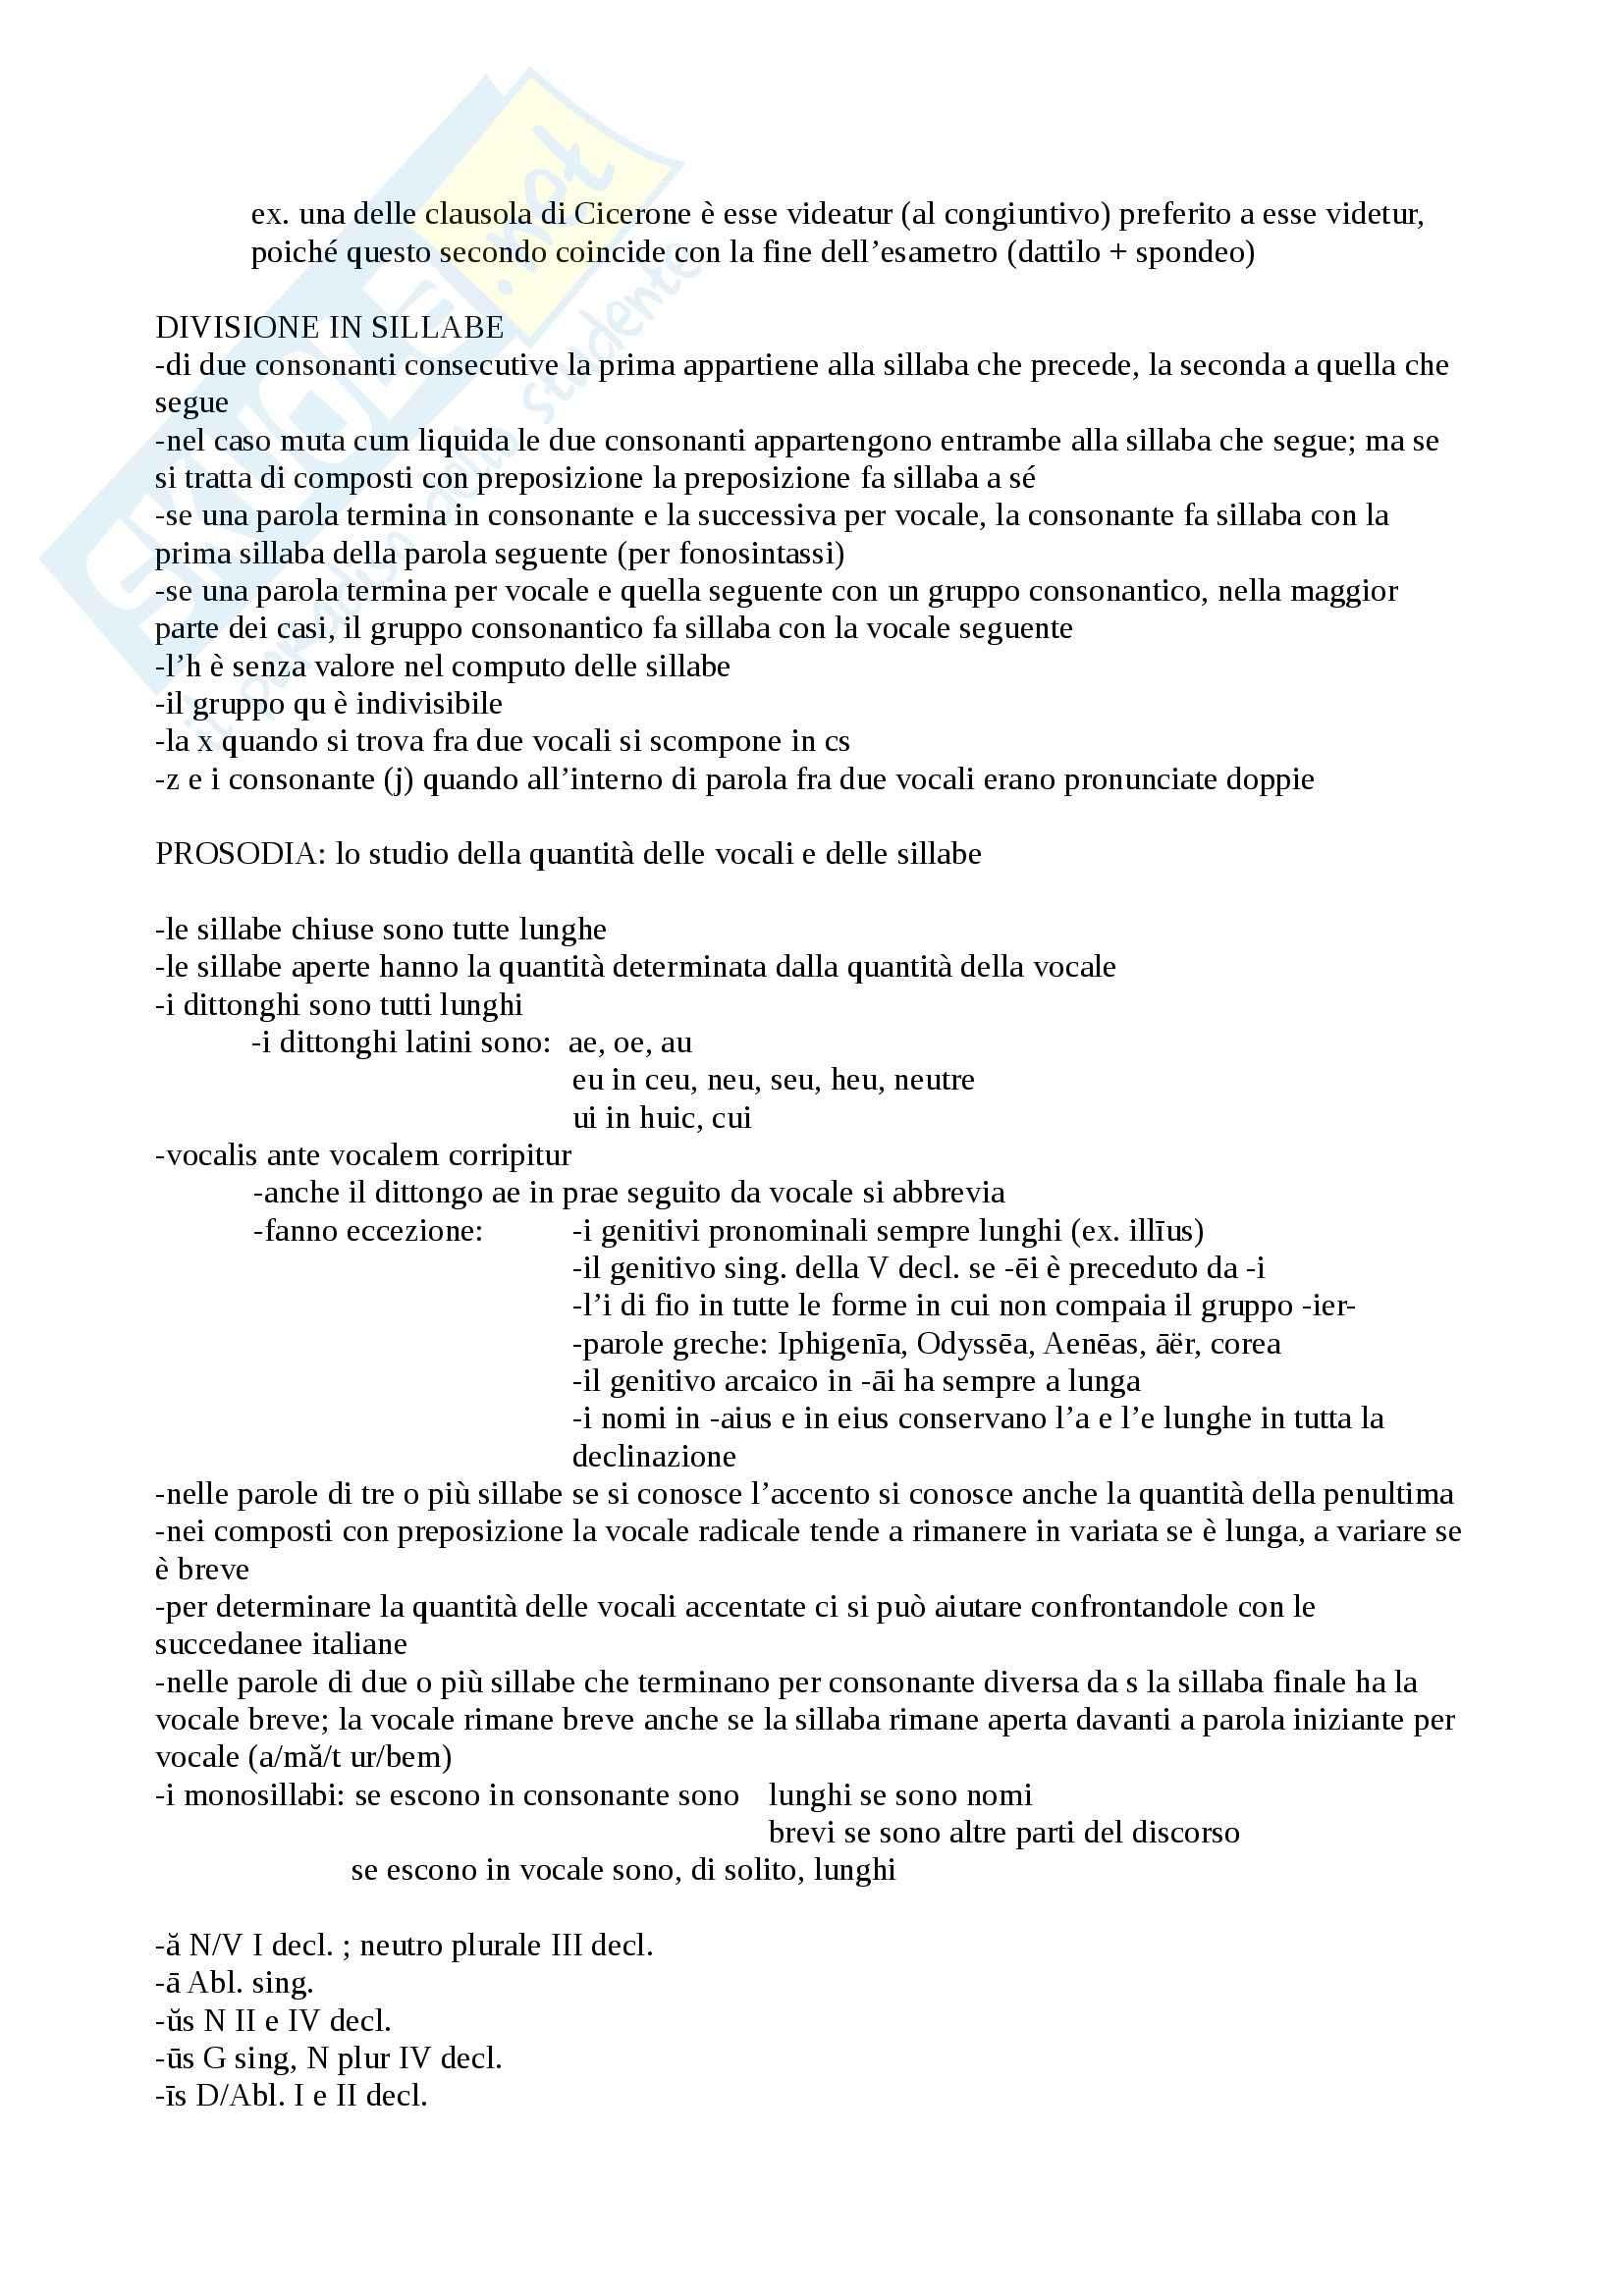 Lingua e letteratura latina I - prosodia e metrica latina Pag. 2